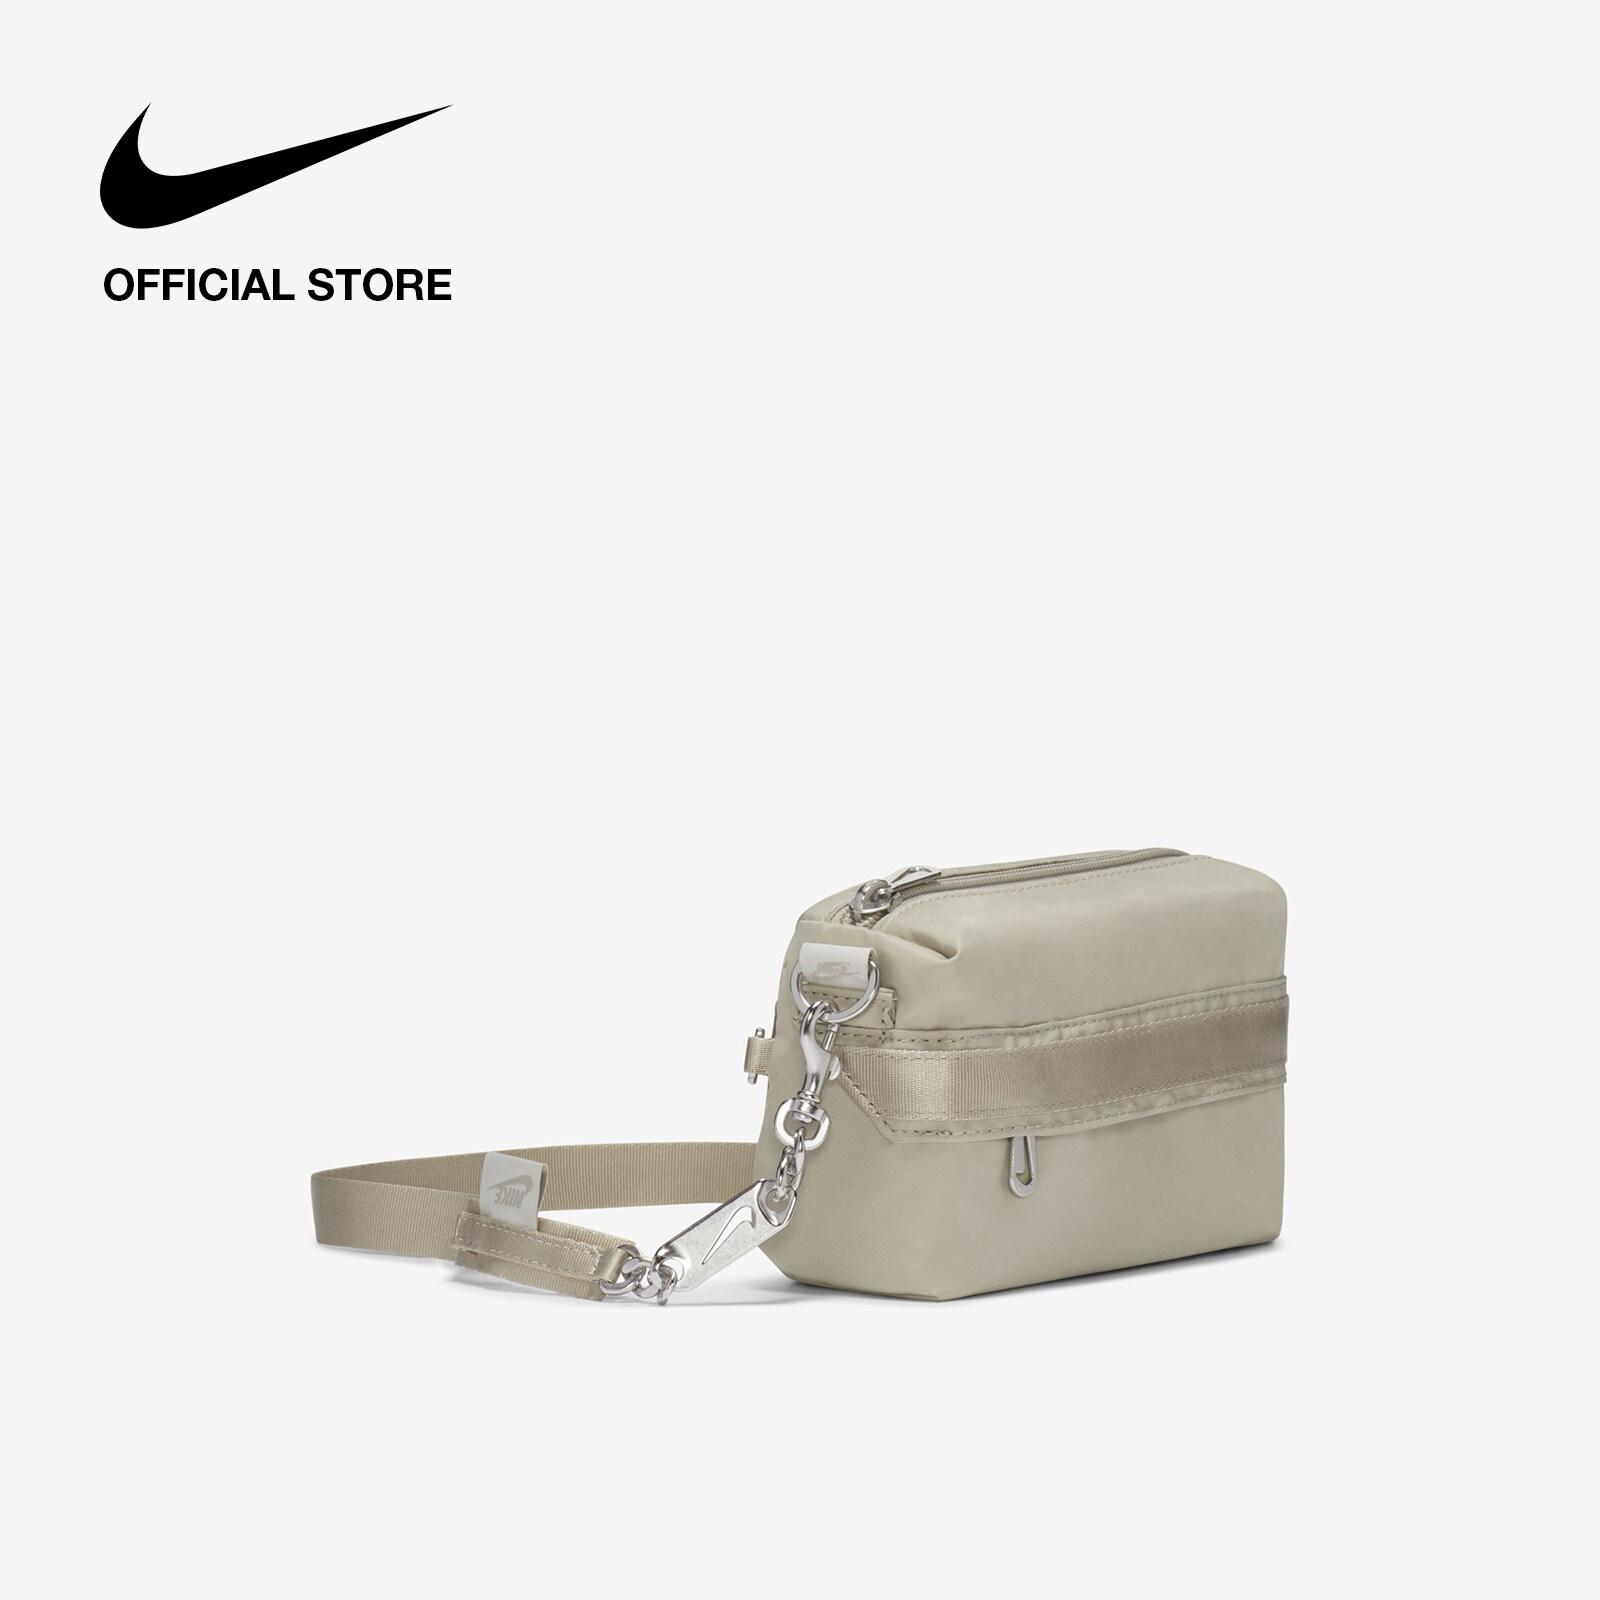 รีวิว Nike Women's Sportswear Futura Luxe Cross-Body Bag - Stone ไนกี้ กระเป๋าพาดลำตัวผู้หญิง ฟูทูร่า ลุกซ์ - สีหิน